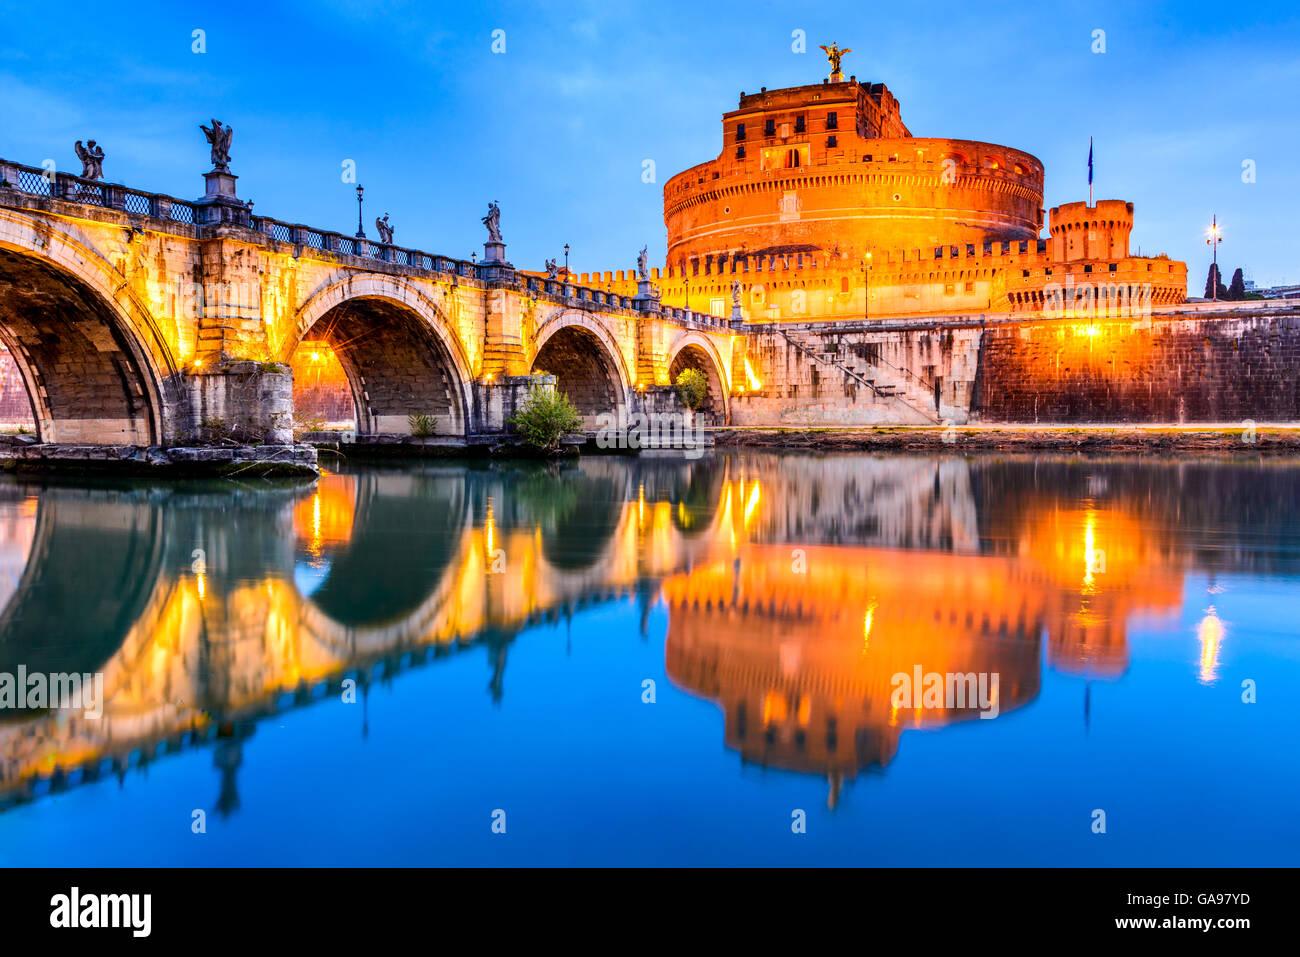 Rom, Italien. Schloss Sant Angelo Dämmerung, als Mausoleum in 123AD alten römischen Reiches Wahrzeichen Stockbild